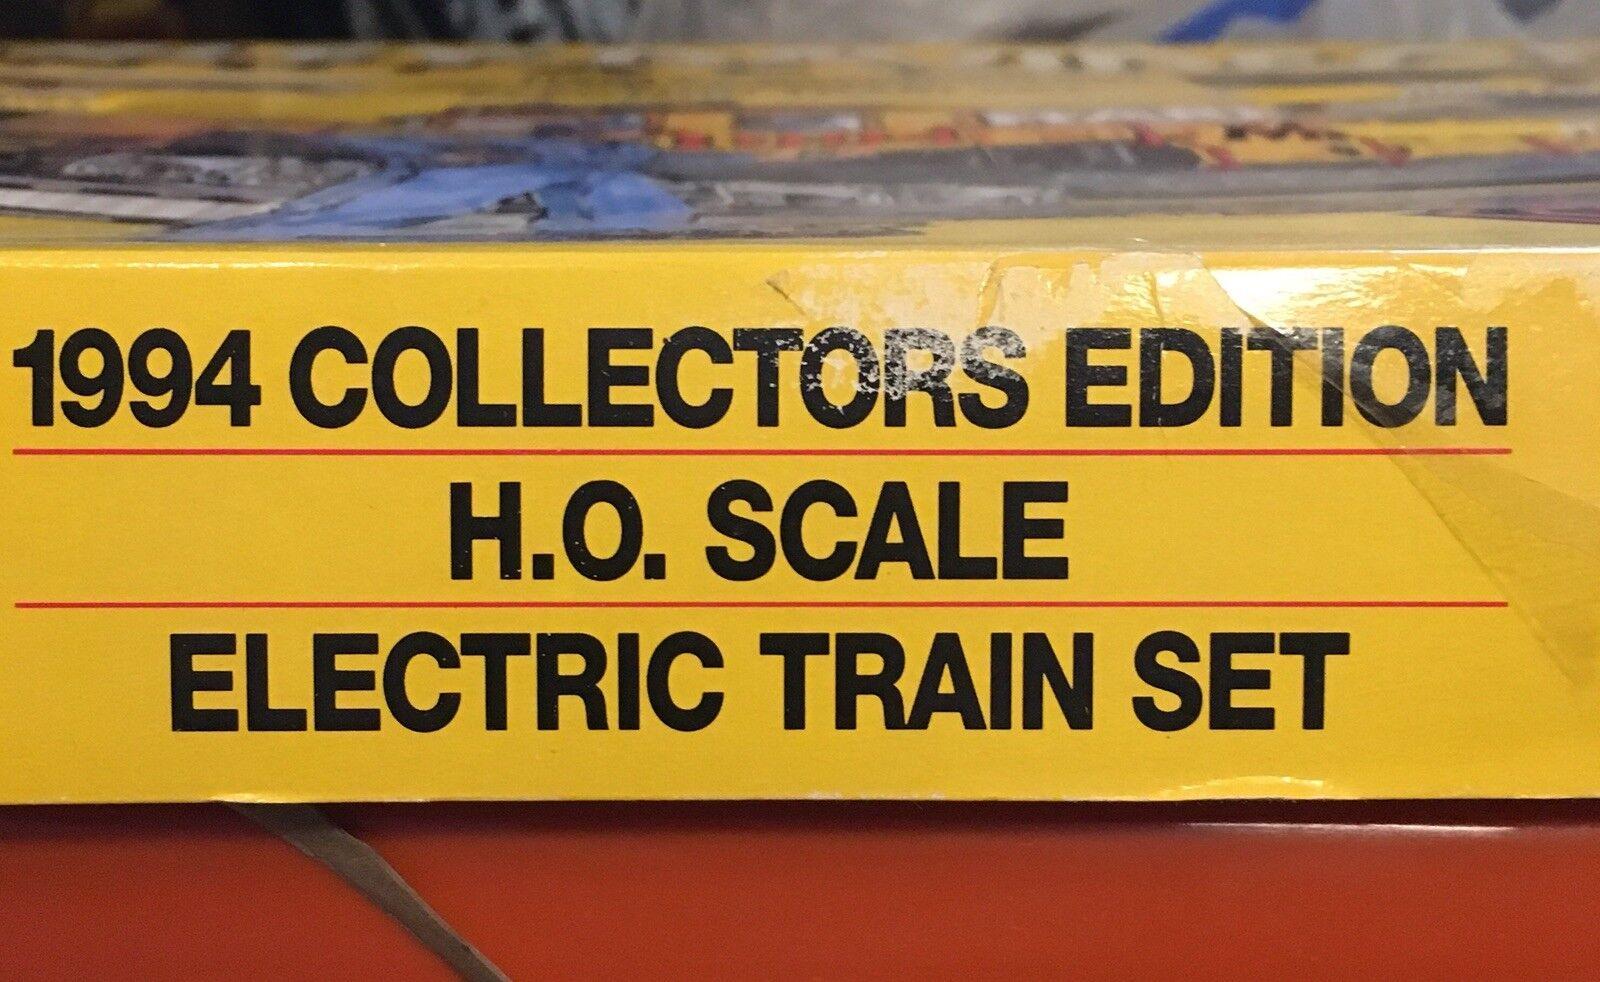 HARLEY-DAVIDSON  uomoUFACTURING    1994 COLLECTORS edizione RTR HO TRAIN SET 6bc6e5